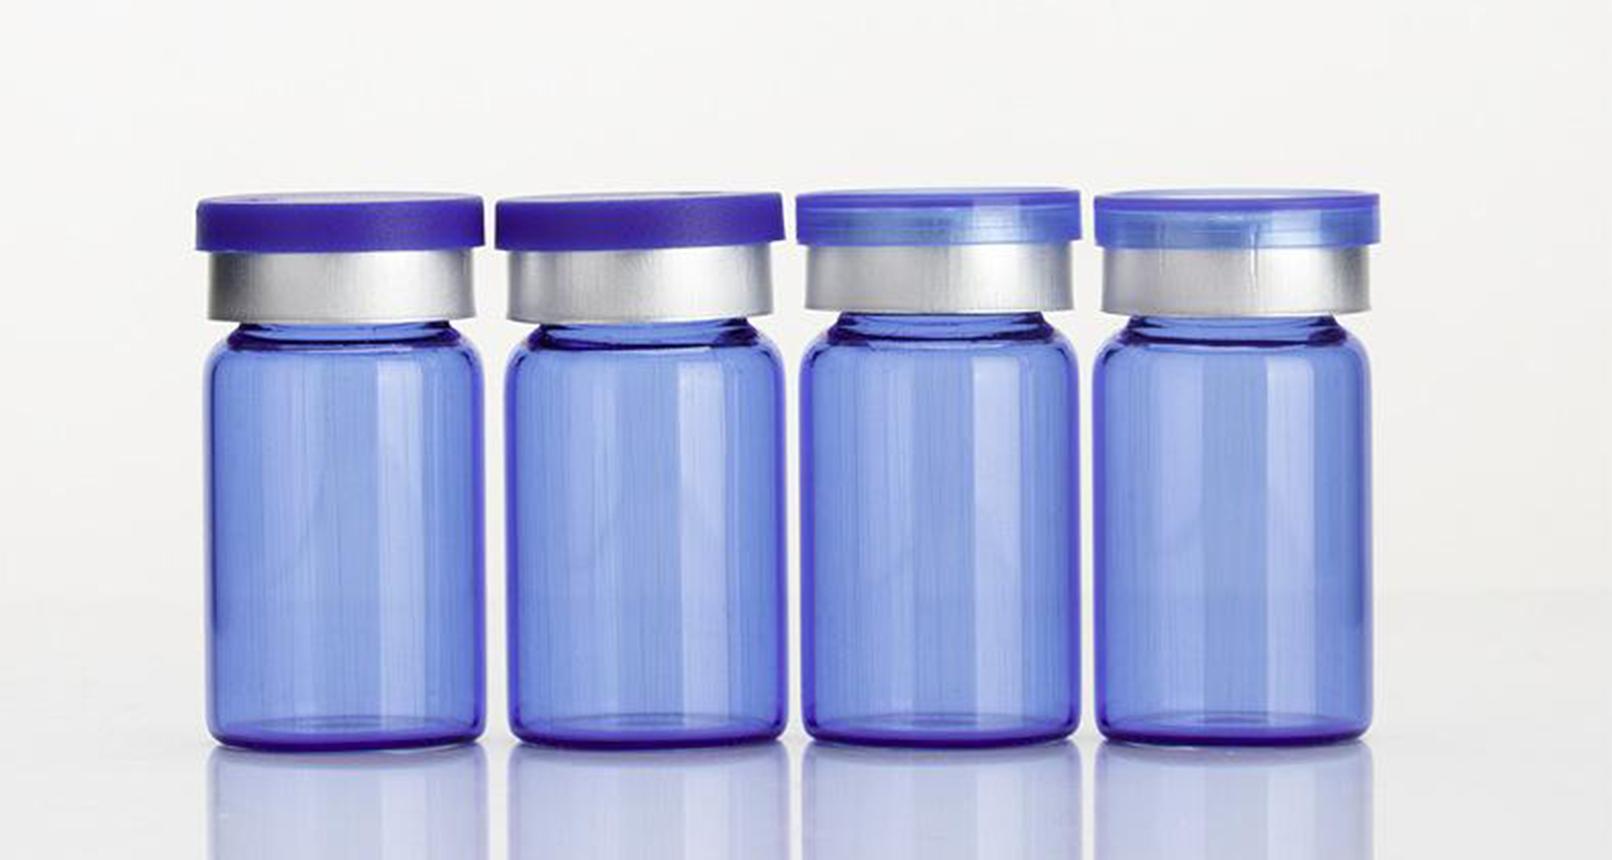 广州 西林瓶装盒机,全自动装盒机,药版口服液装盒机,